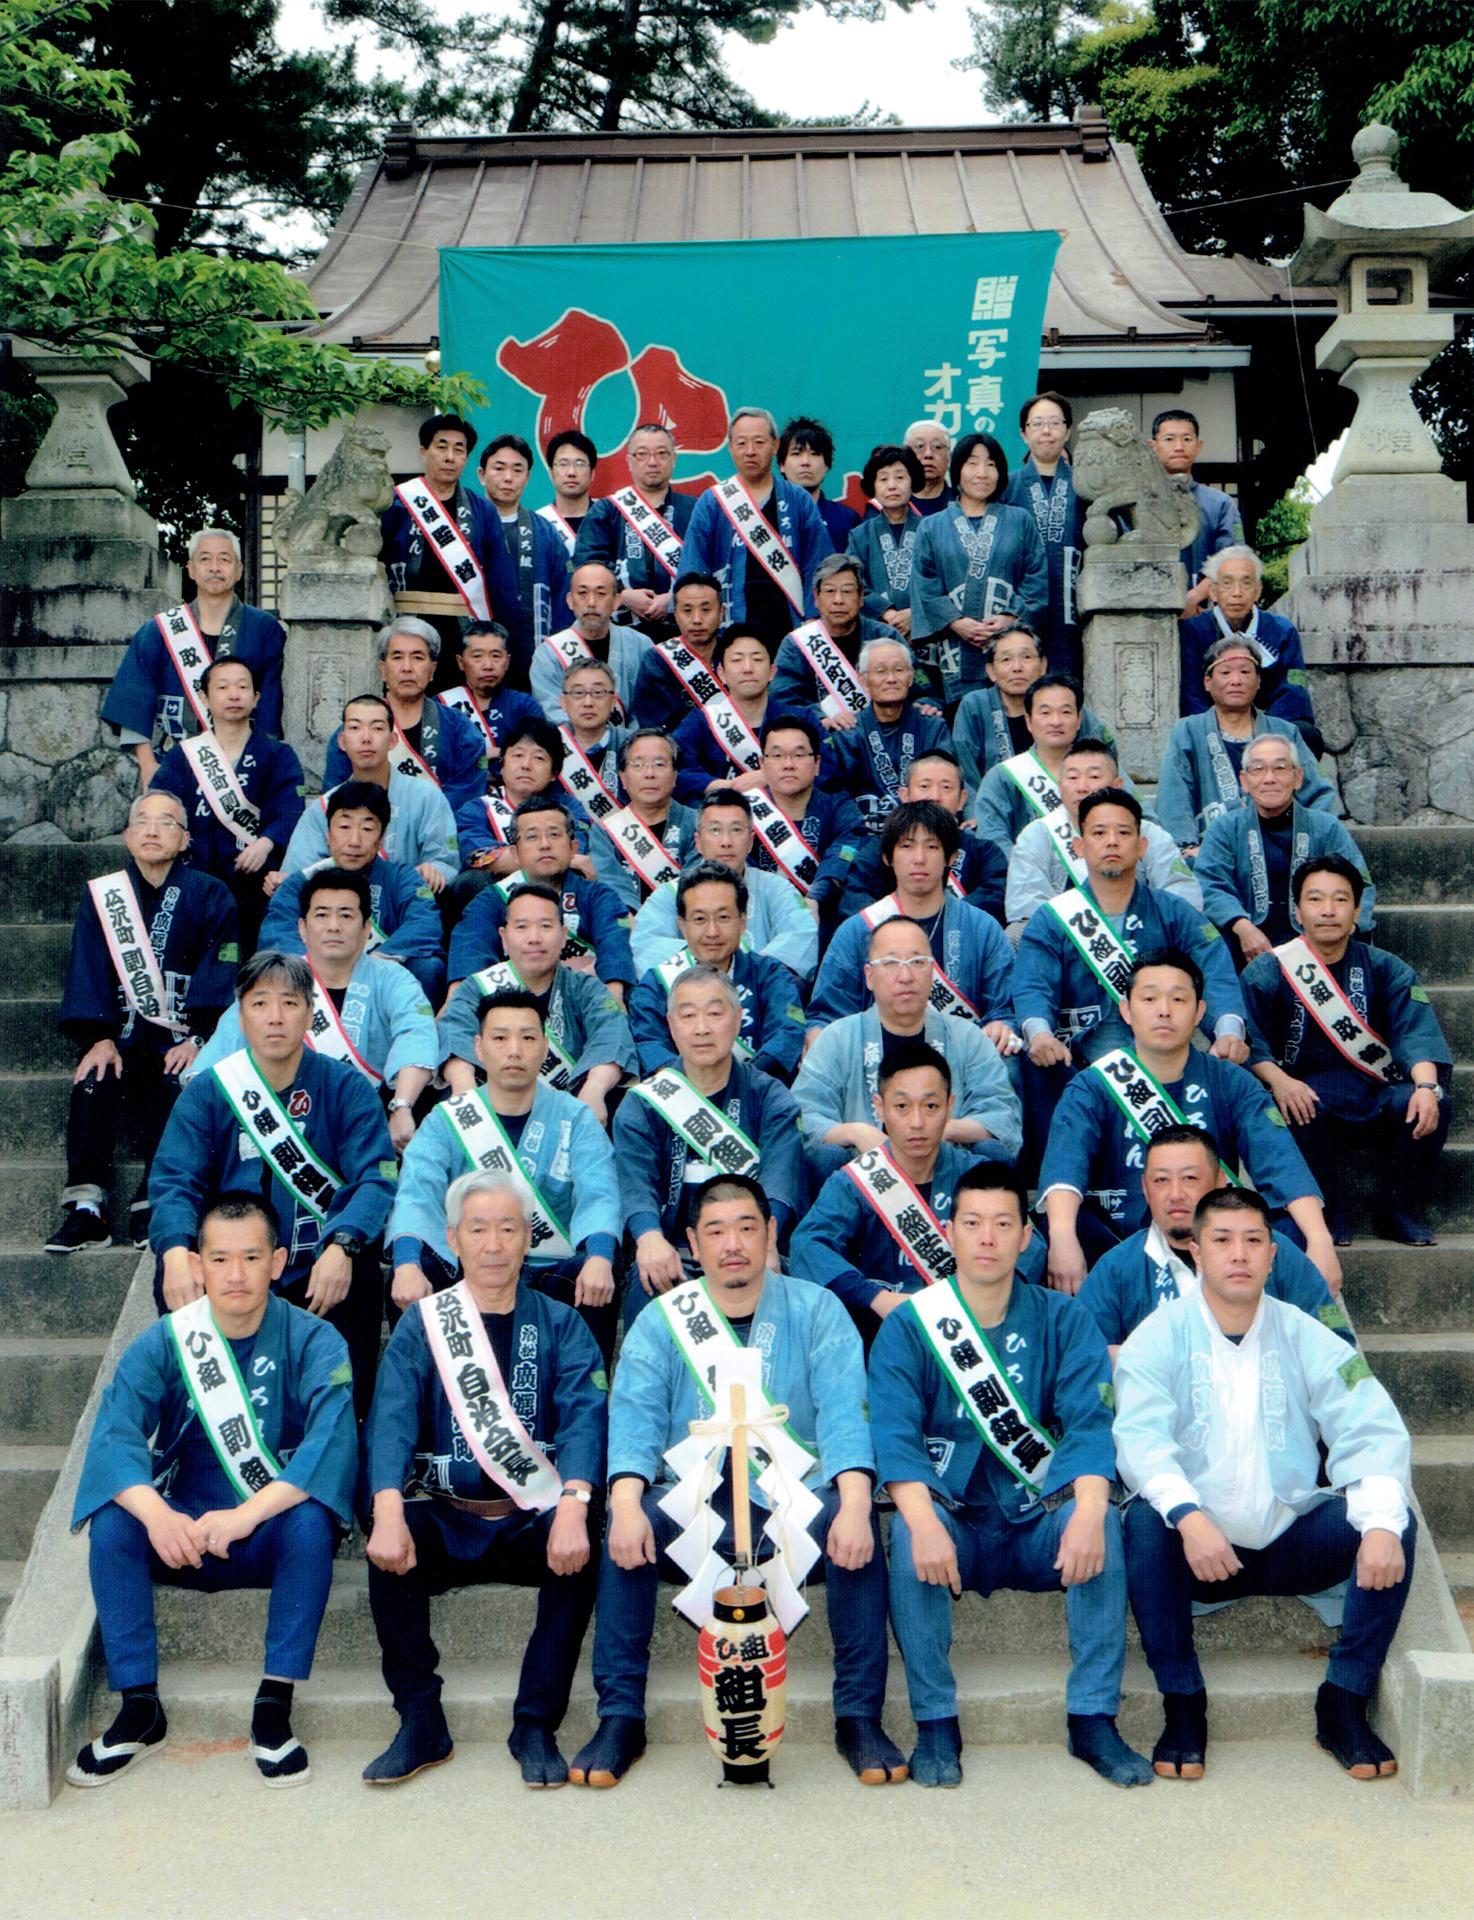 平成28年度浜松まつり広沢町凧揚会ひ組役員